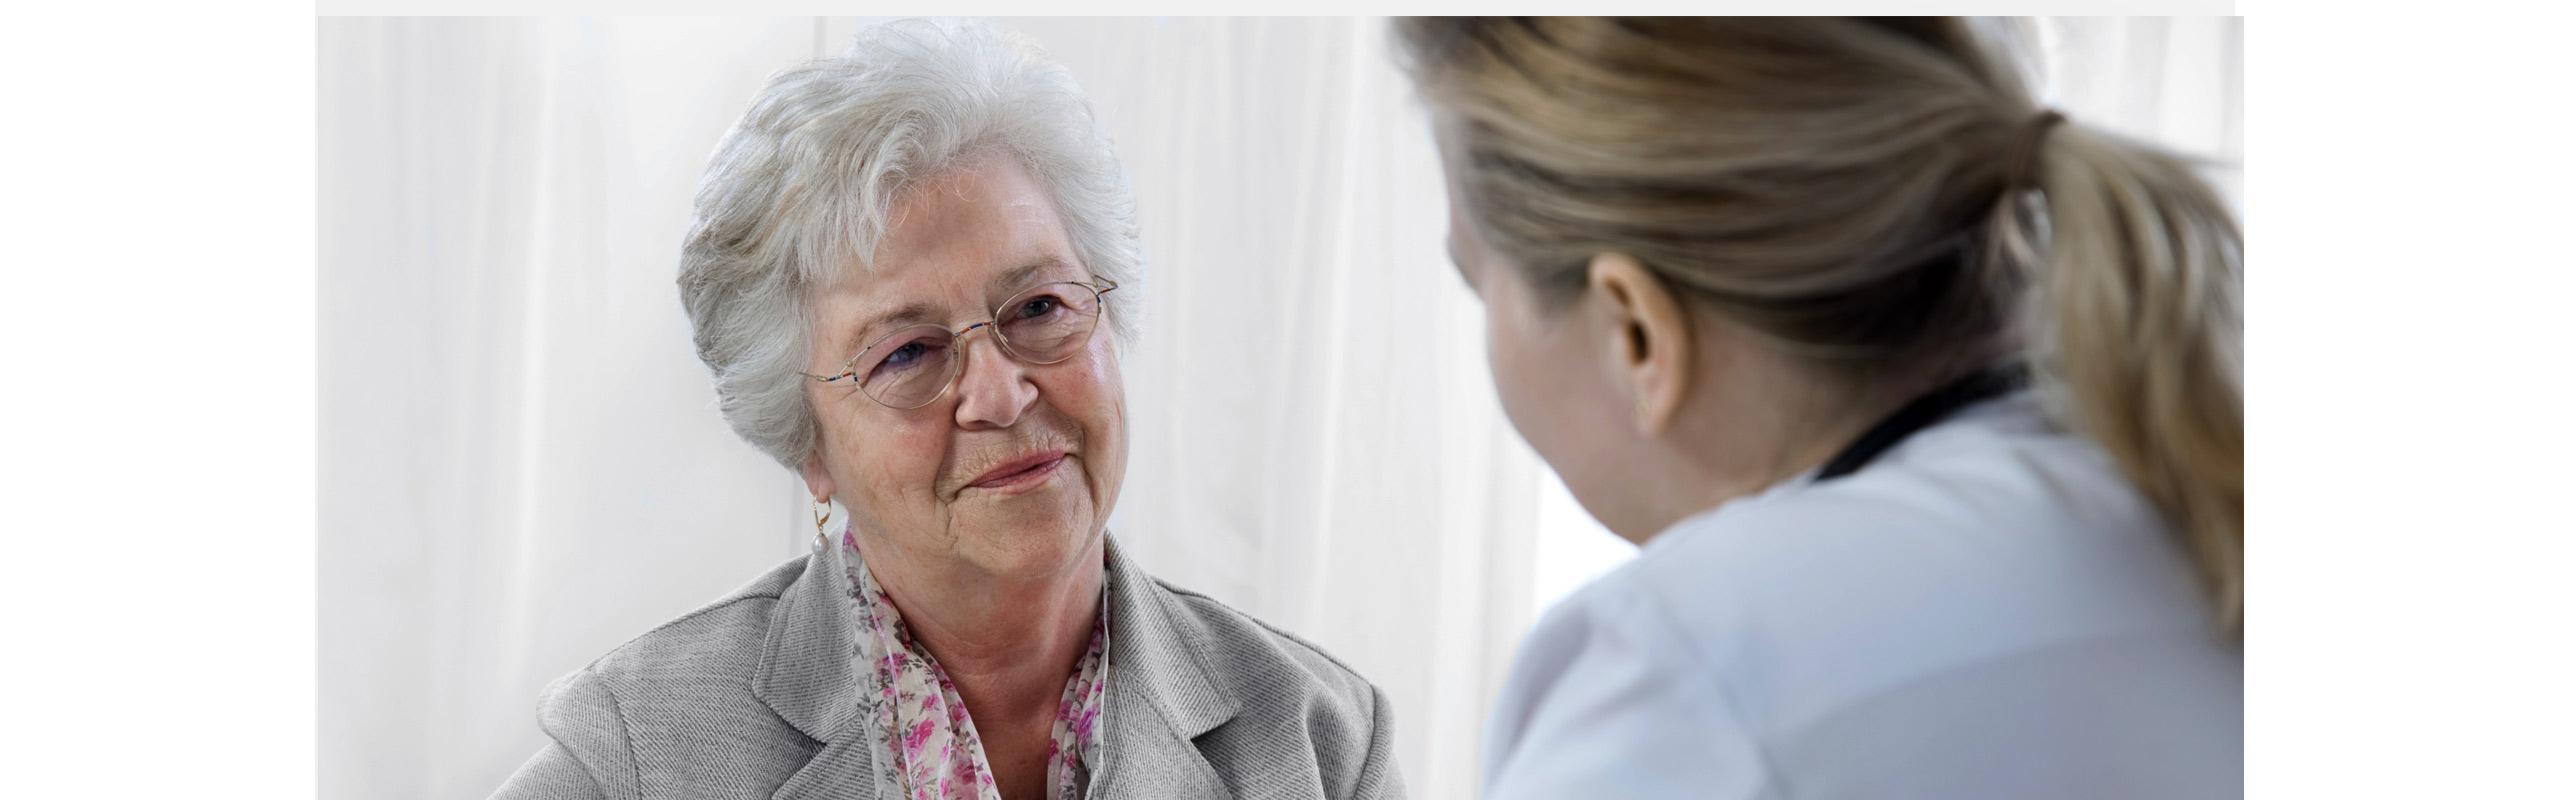 Alzheimer : Comment le dire à votre famille et vos amis?